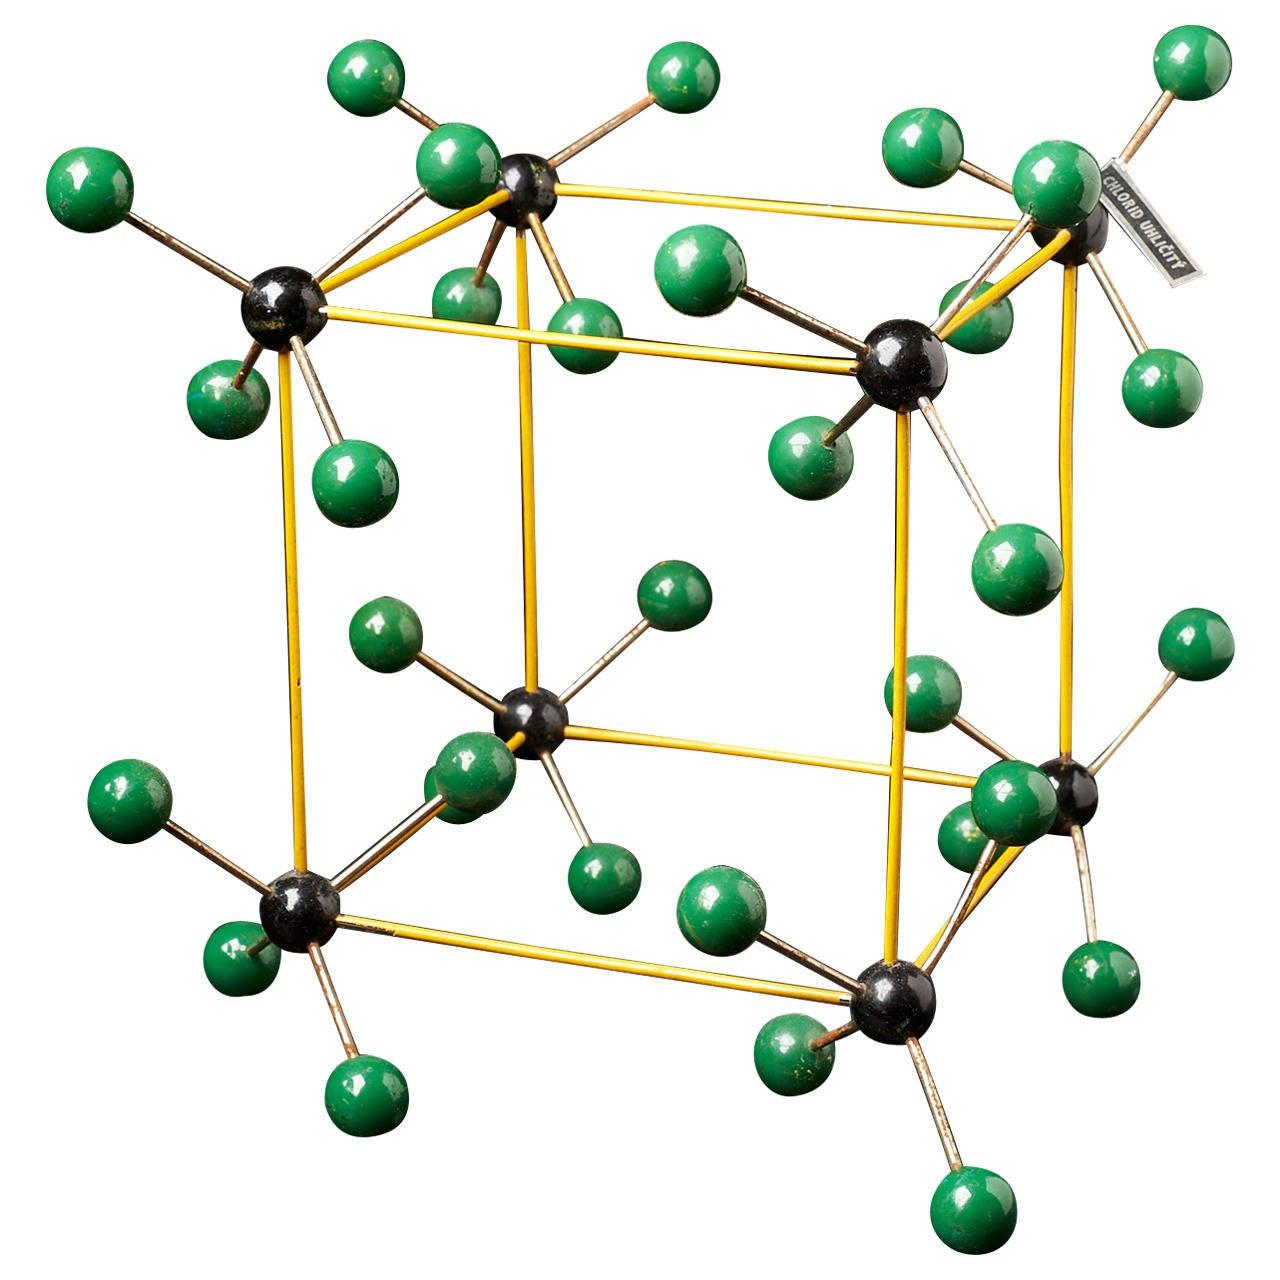 1950s Molecular Structure from Prague, Czech